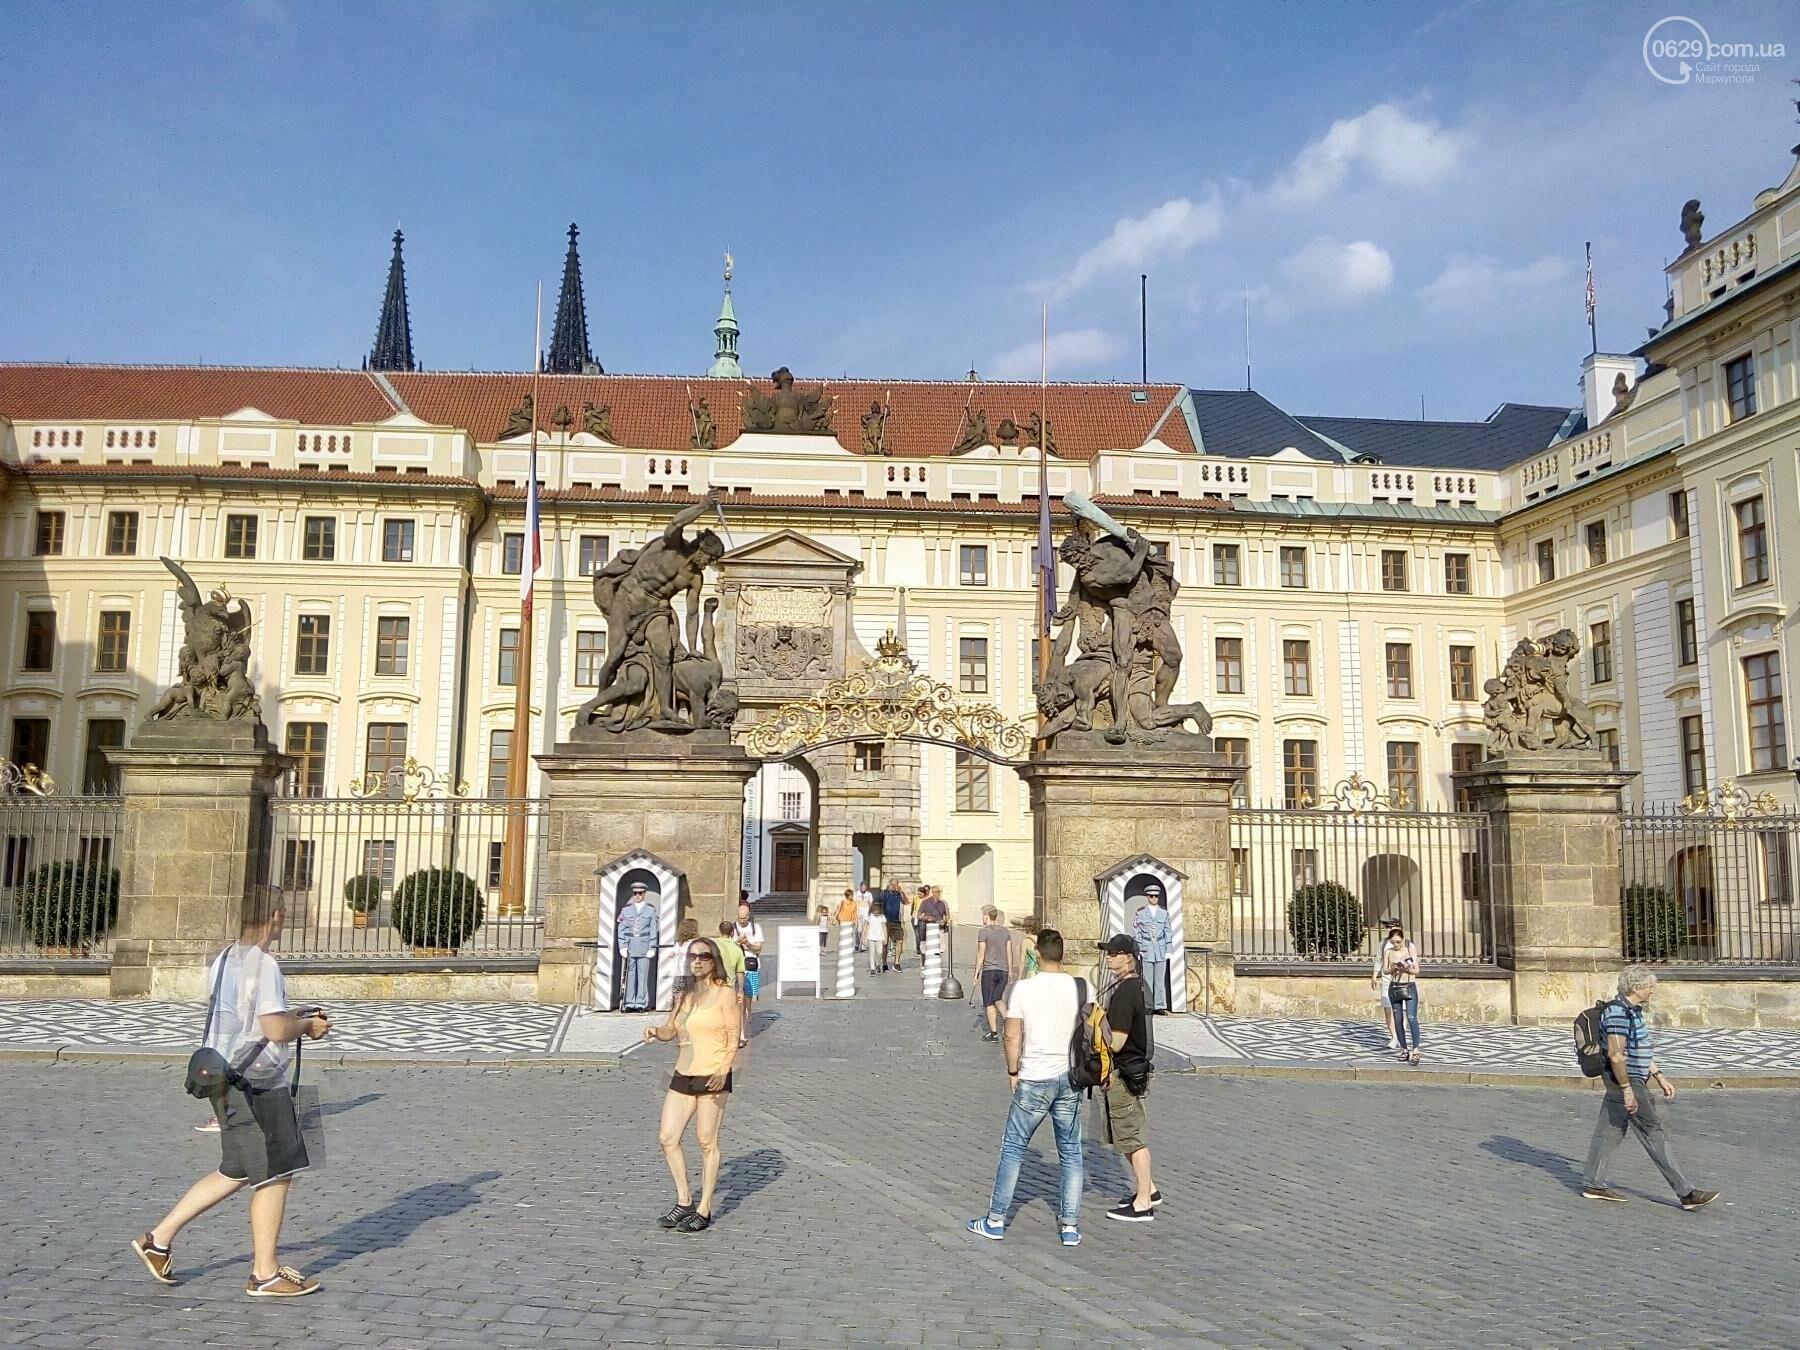 Город красных крыш. Как мариупольцам добраться в Прагу, что посмотреть, и сколько для этого нужно денег (ФОТО), фото-15